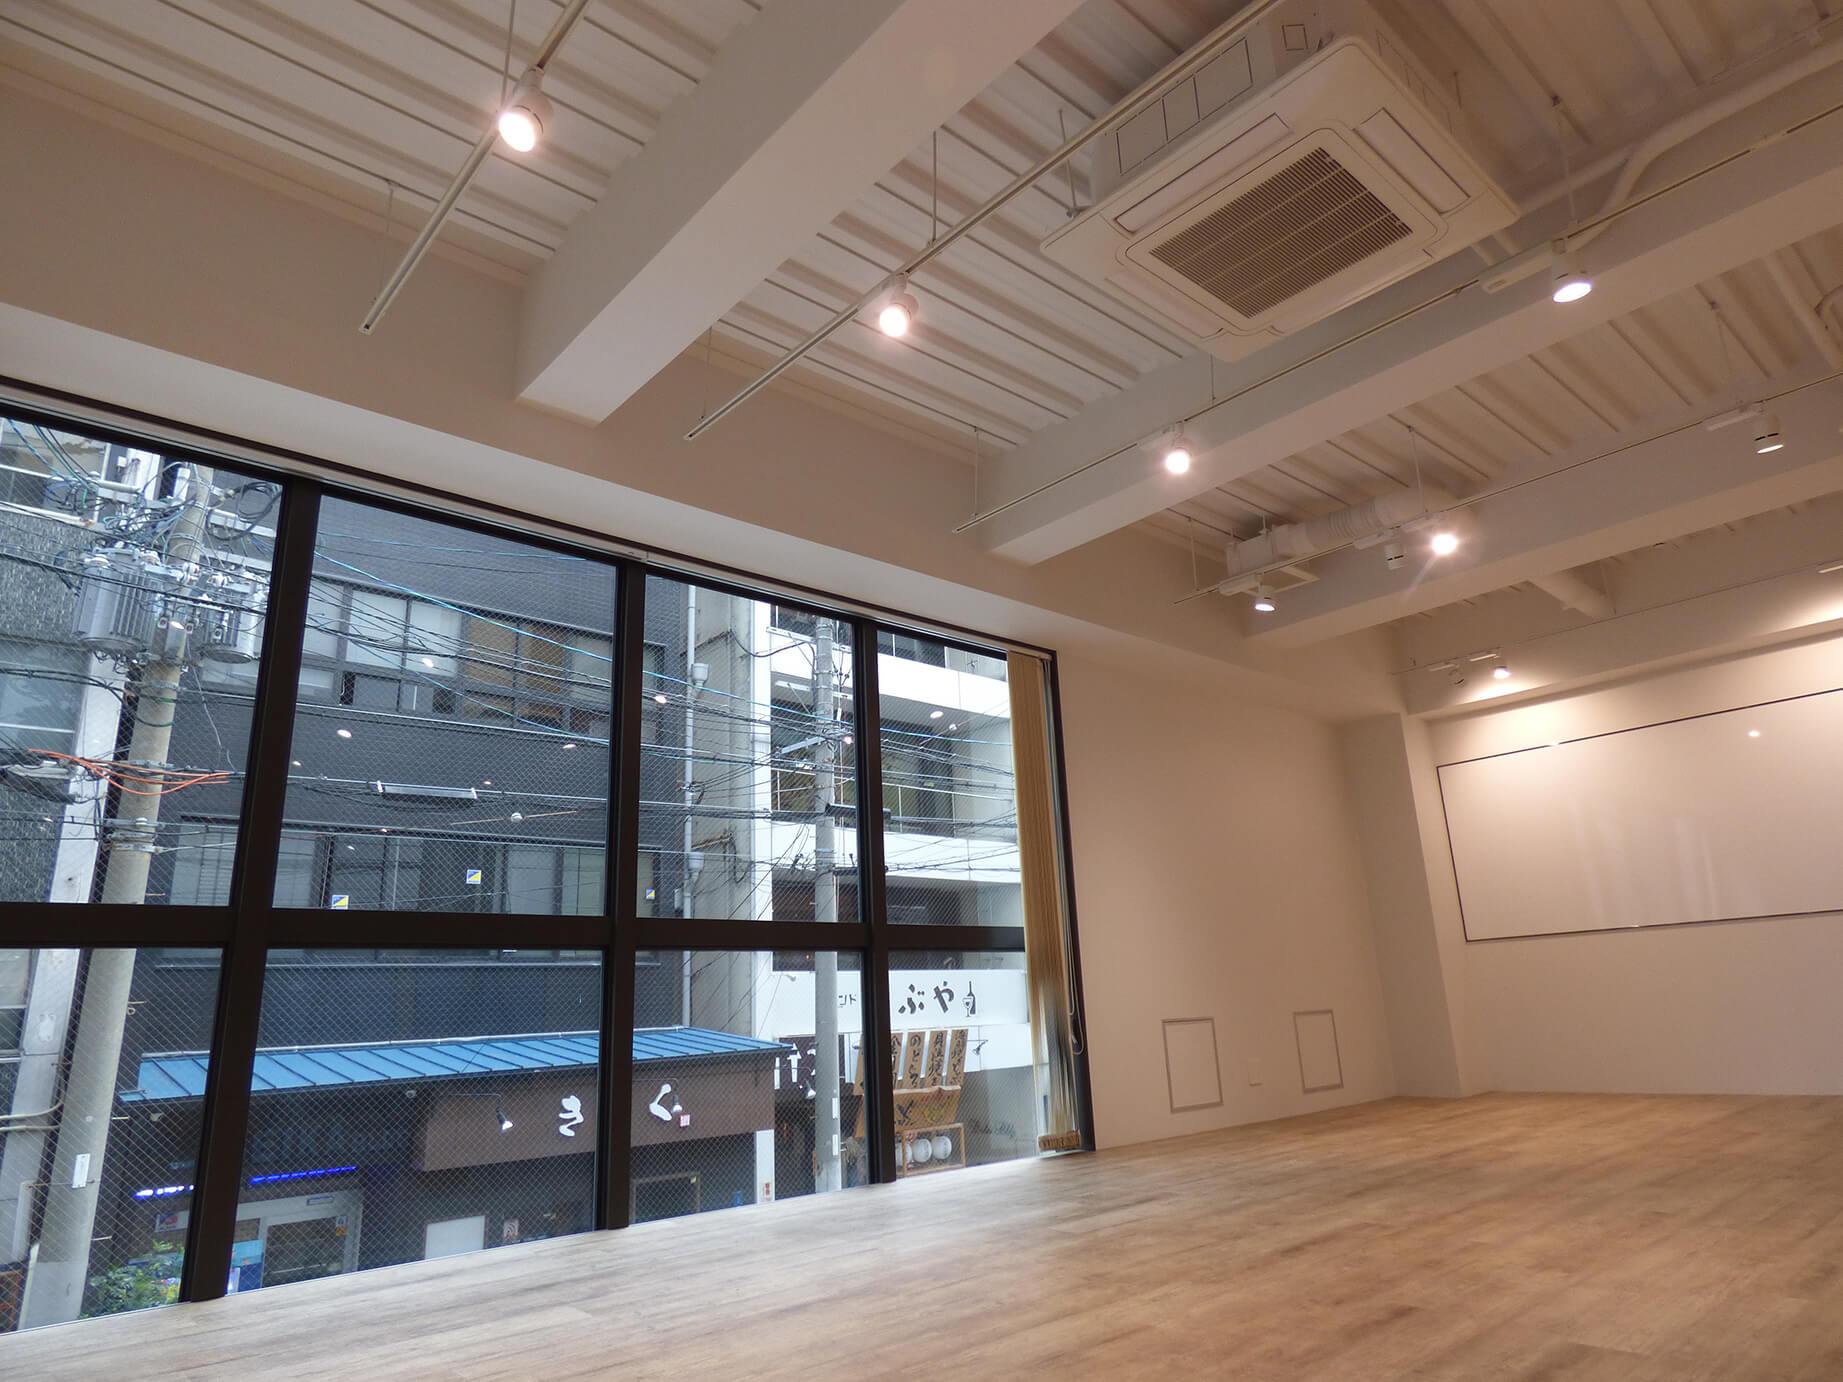 【内装付き/一棟貸】堺筋本町、約120坪。 キッチン・会議スペース・ビル命名権付き。